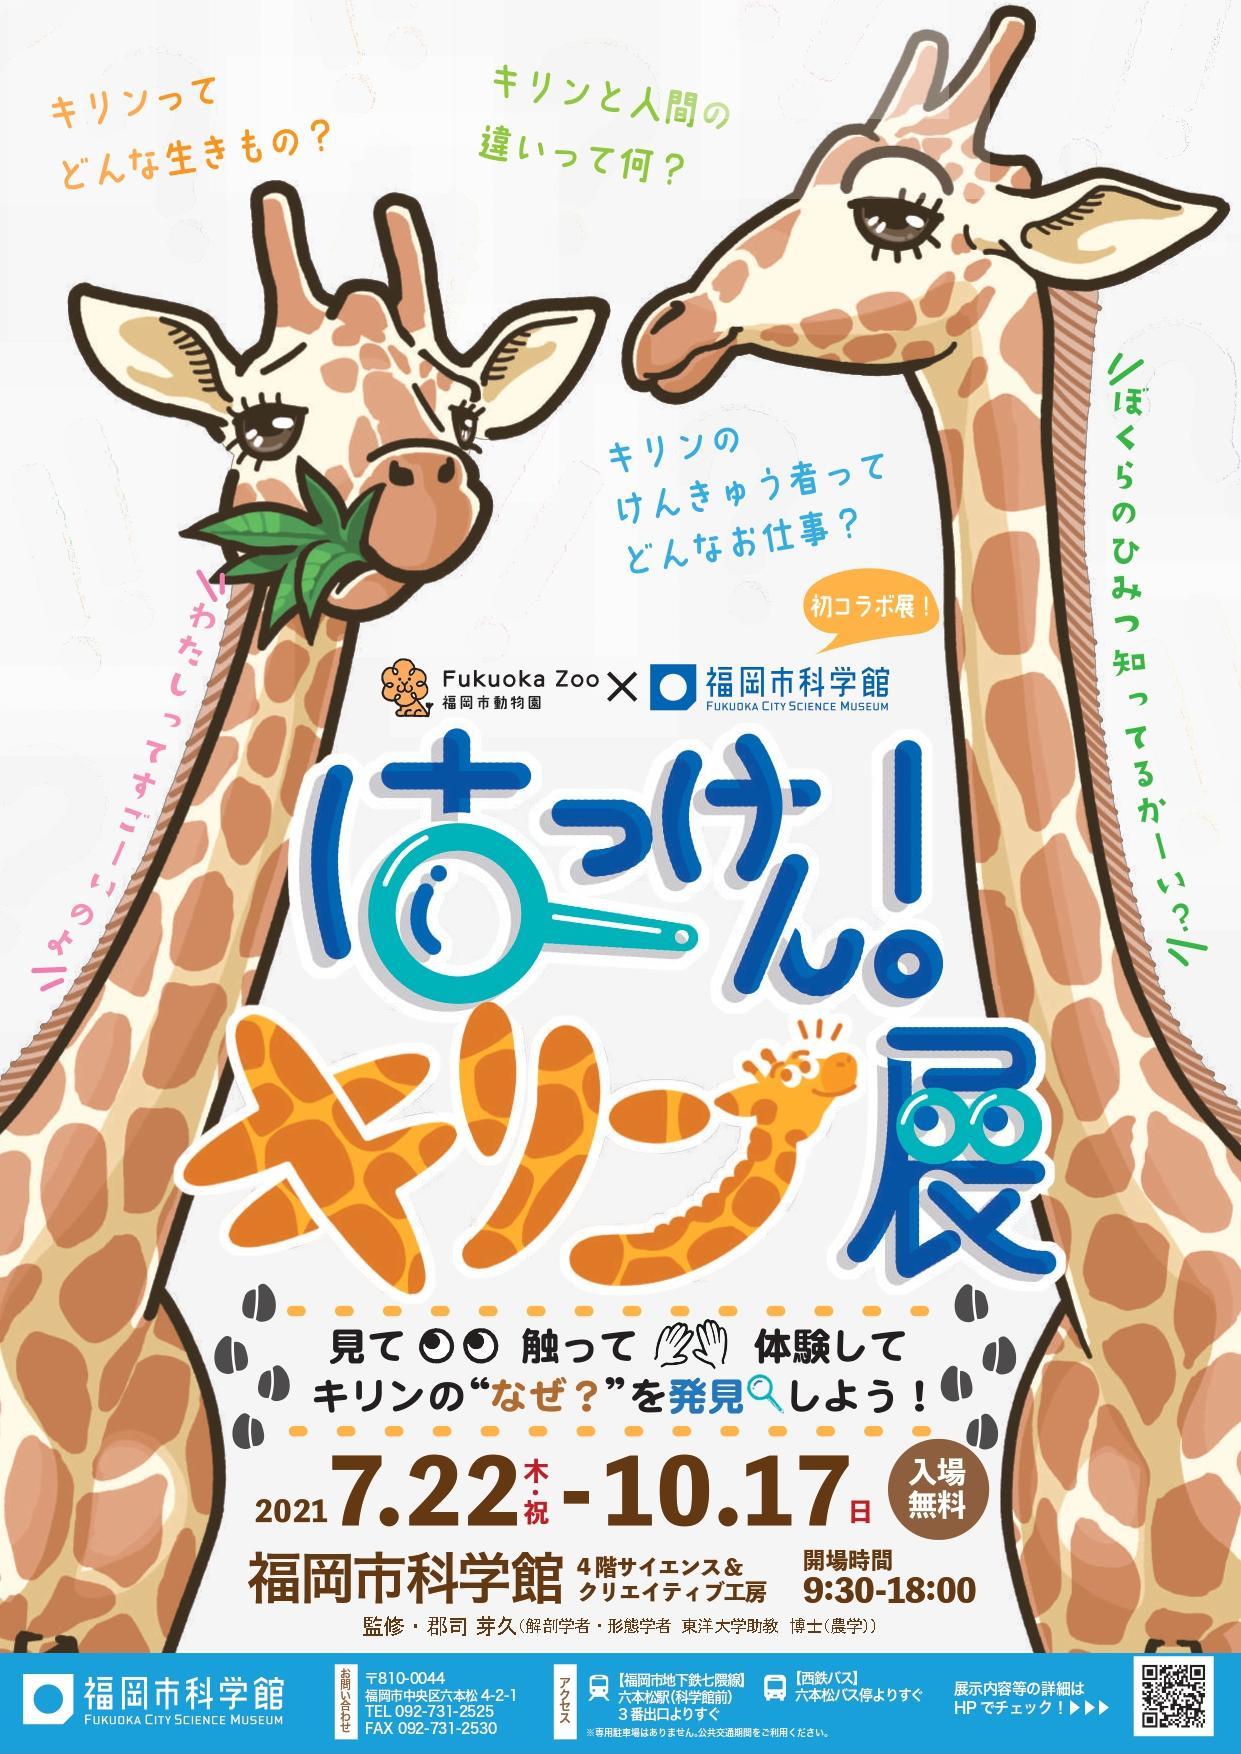 キリンーチラシ(最終)_page-0002.jpg